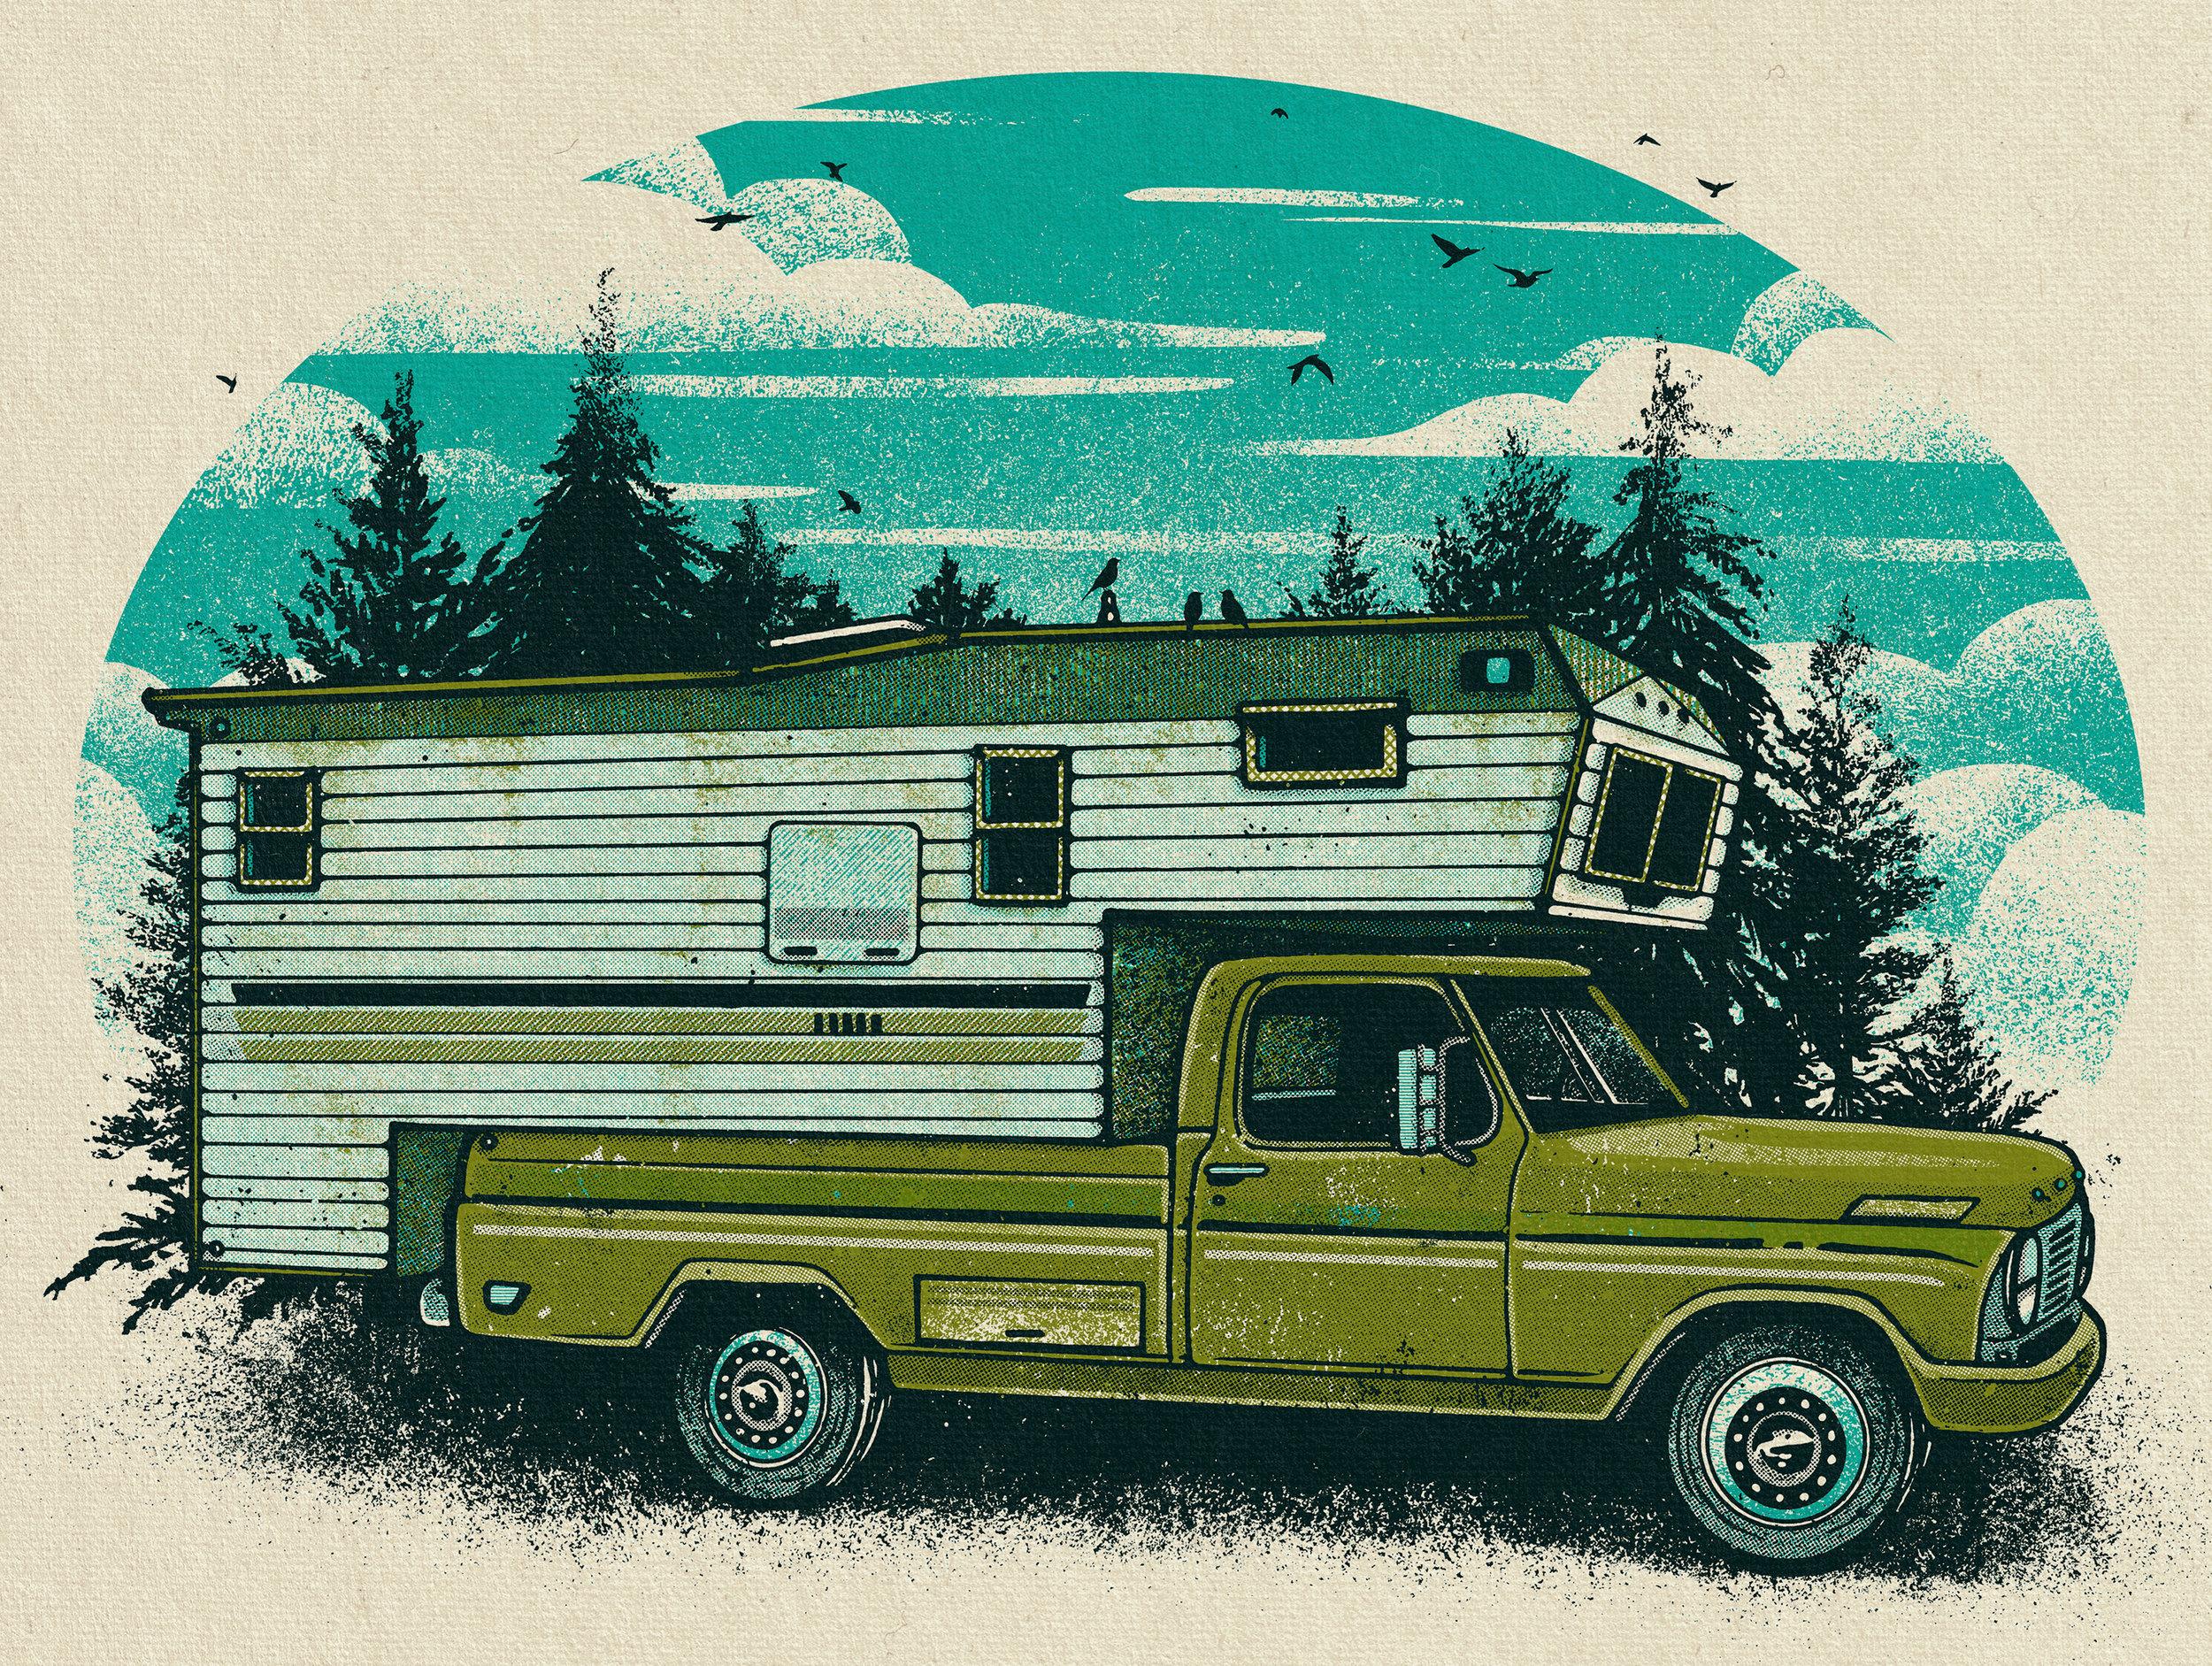 Truck_Texture.jpg